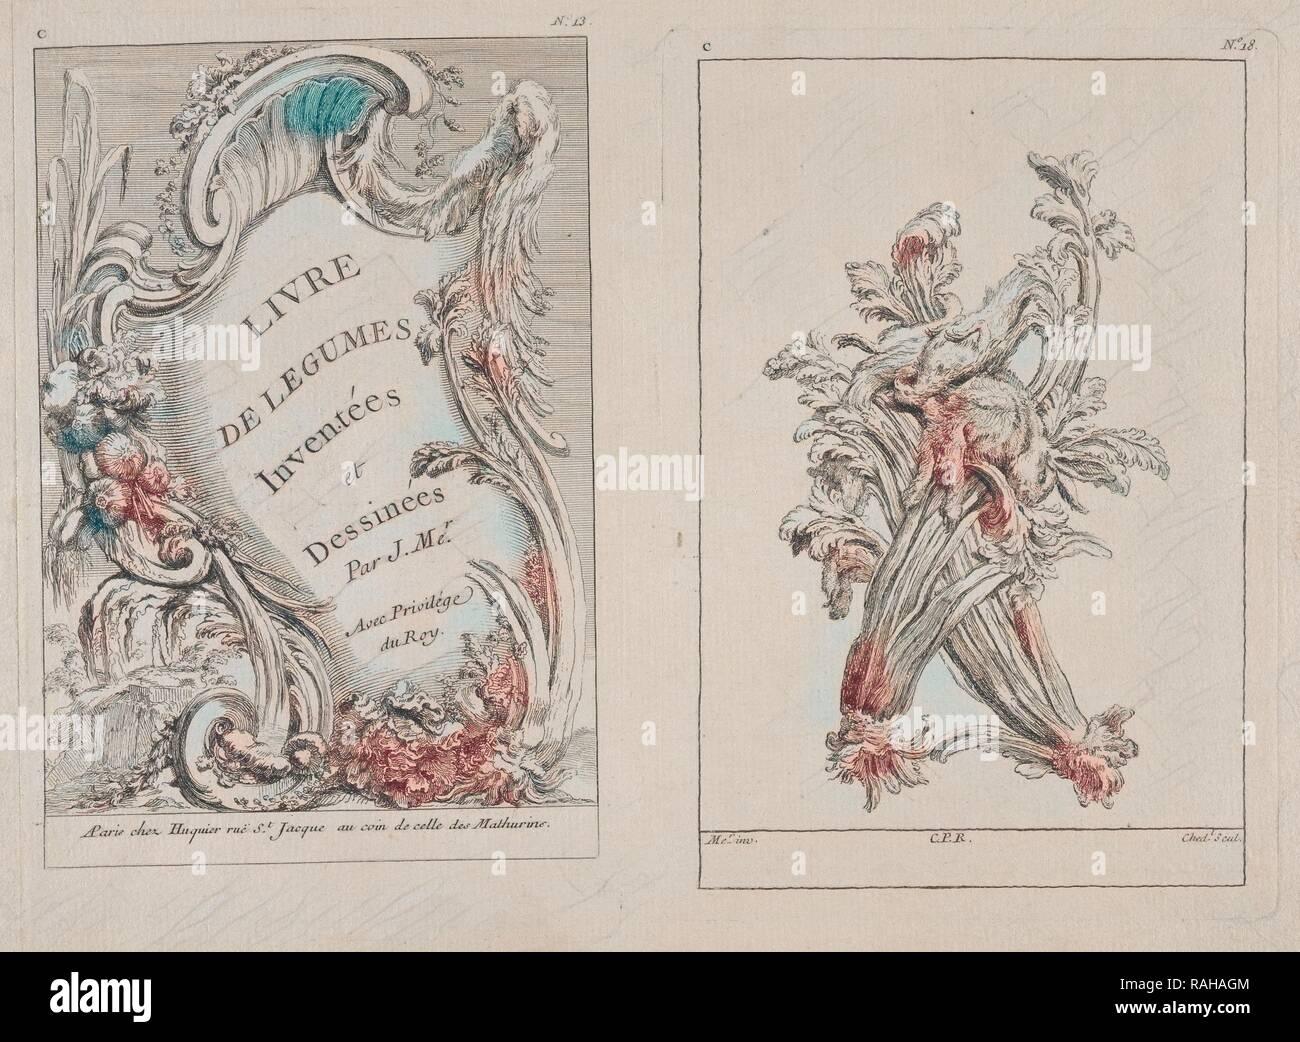 Plates C13 and C18 from the Livre de légumes inventées et dessinées par J. Me.r, Chedel, Pierre Quentin, 1705-1763 reimagined - Stock Image